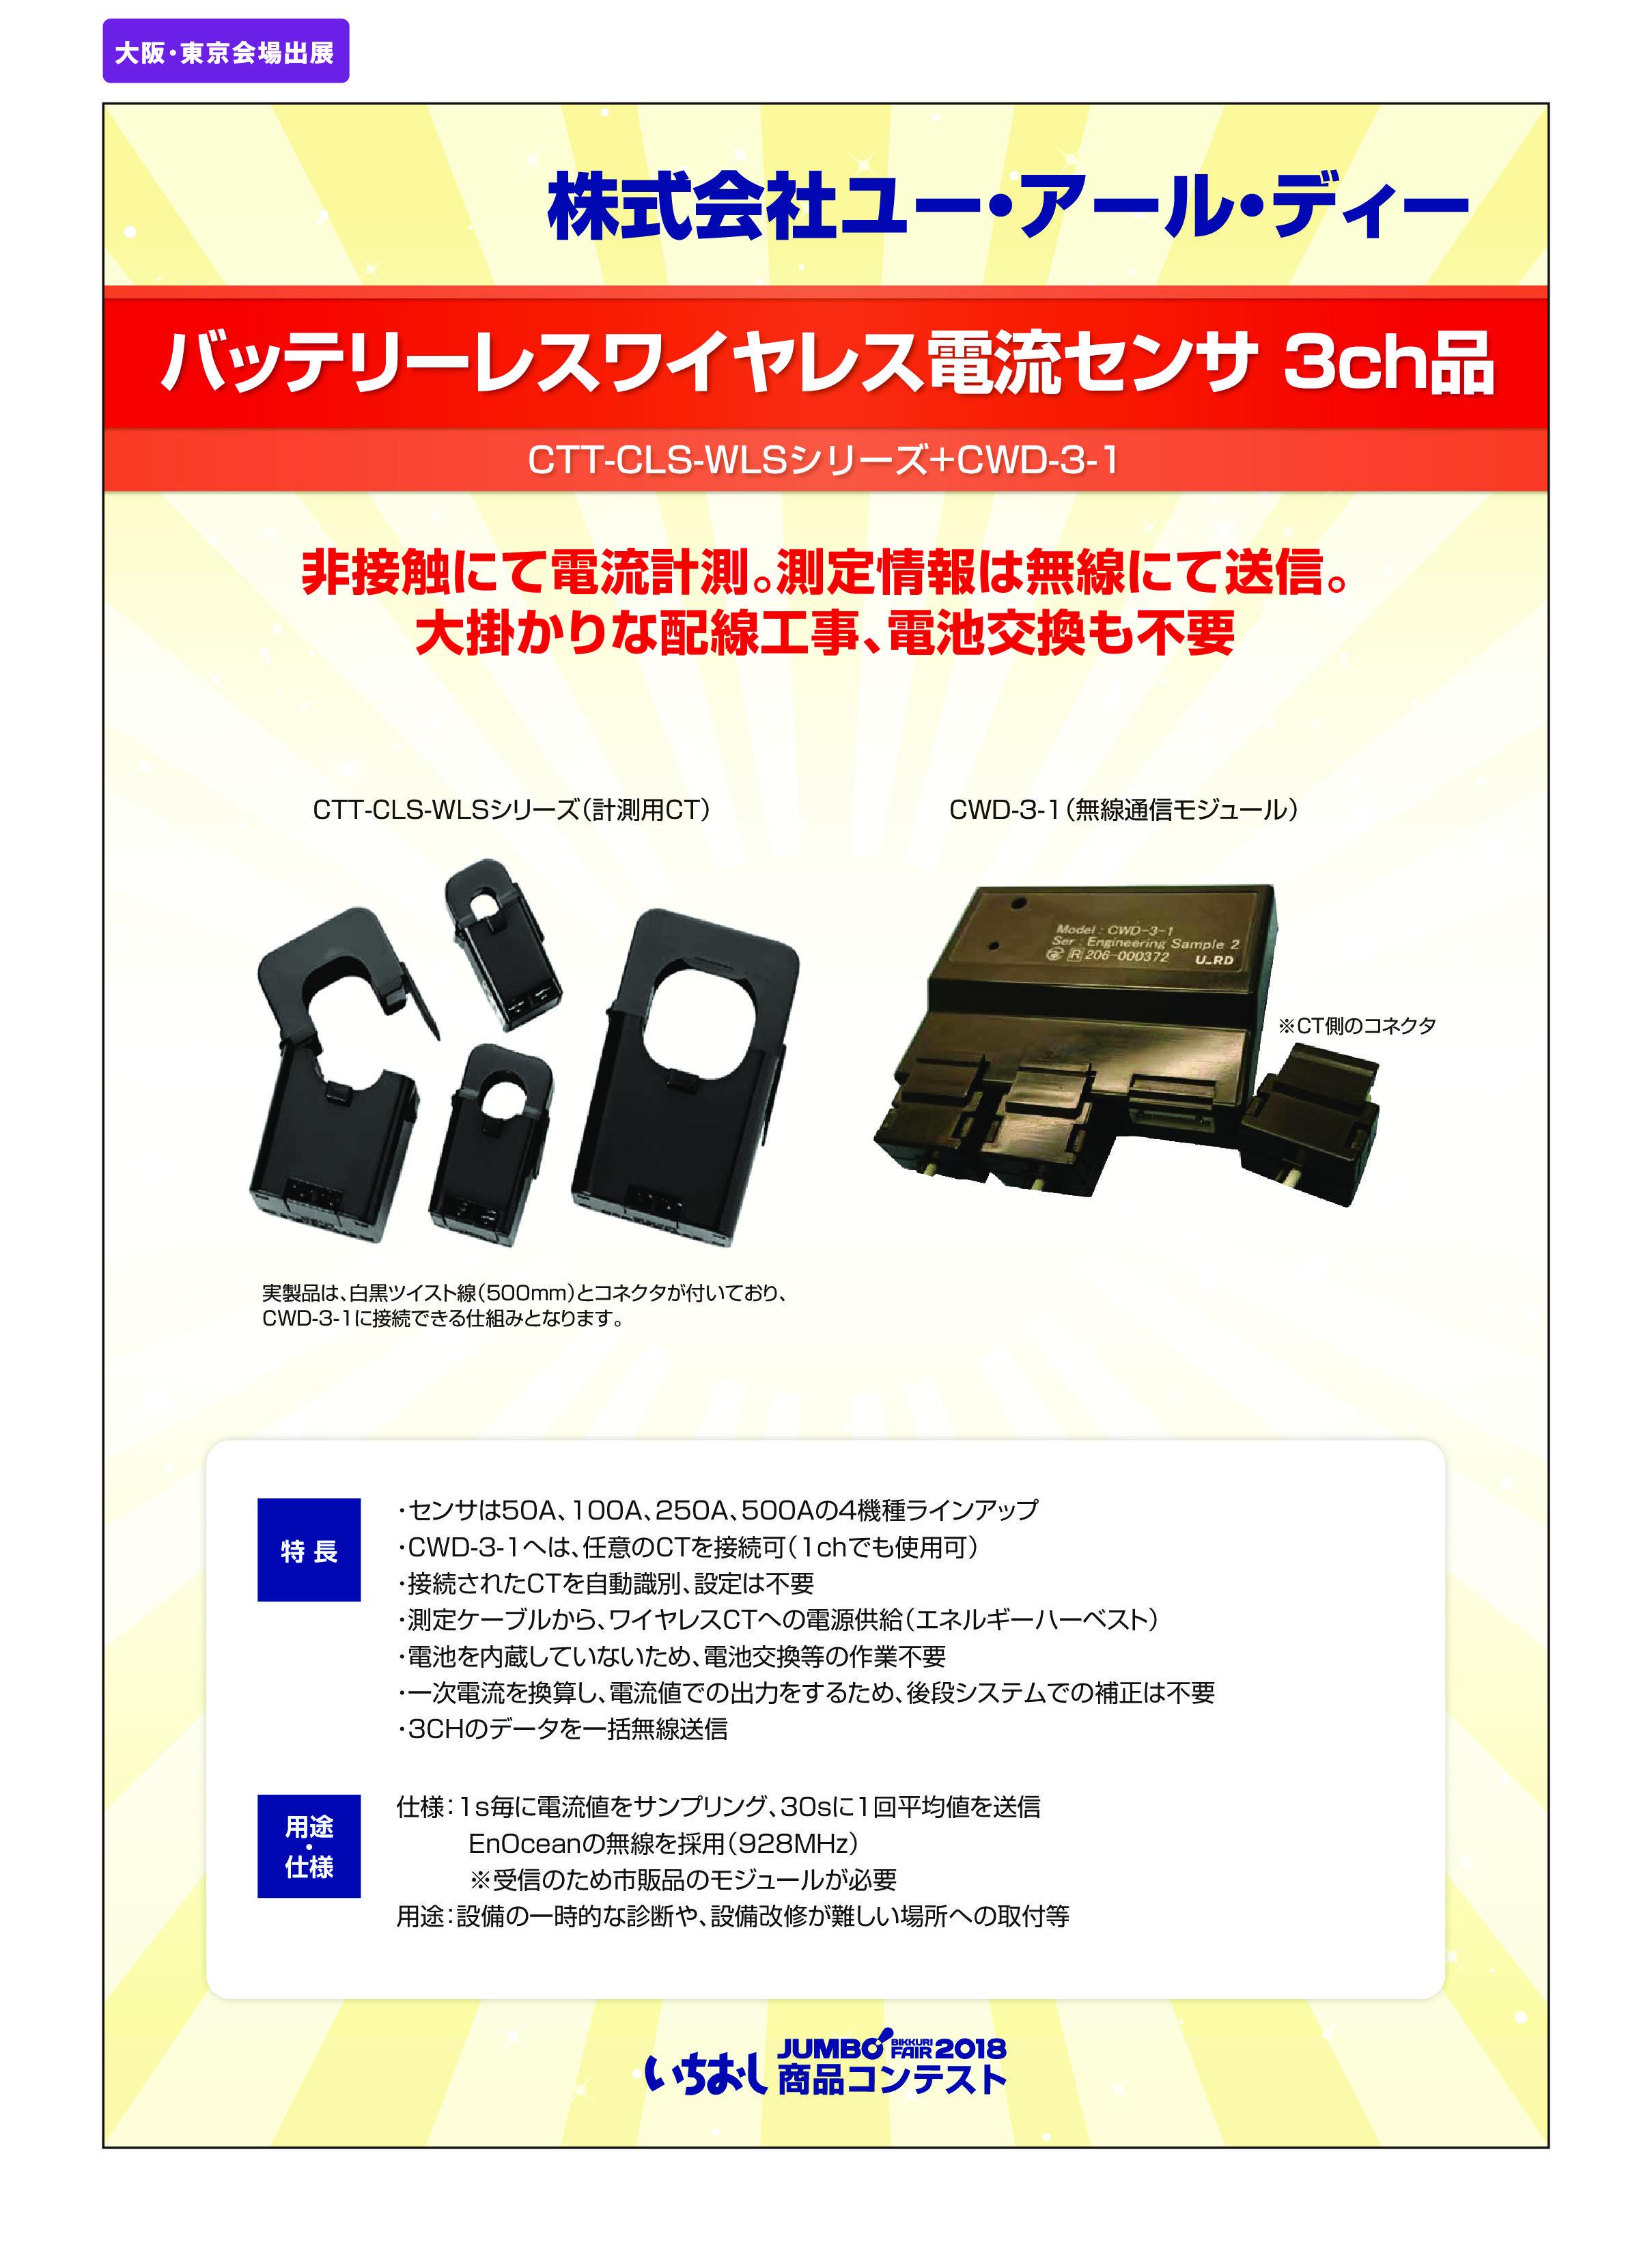 「バッテリーレスワイヤレス電流センサ 3ch品」株式会社ユー・アール・ディーの画像